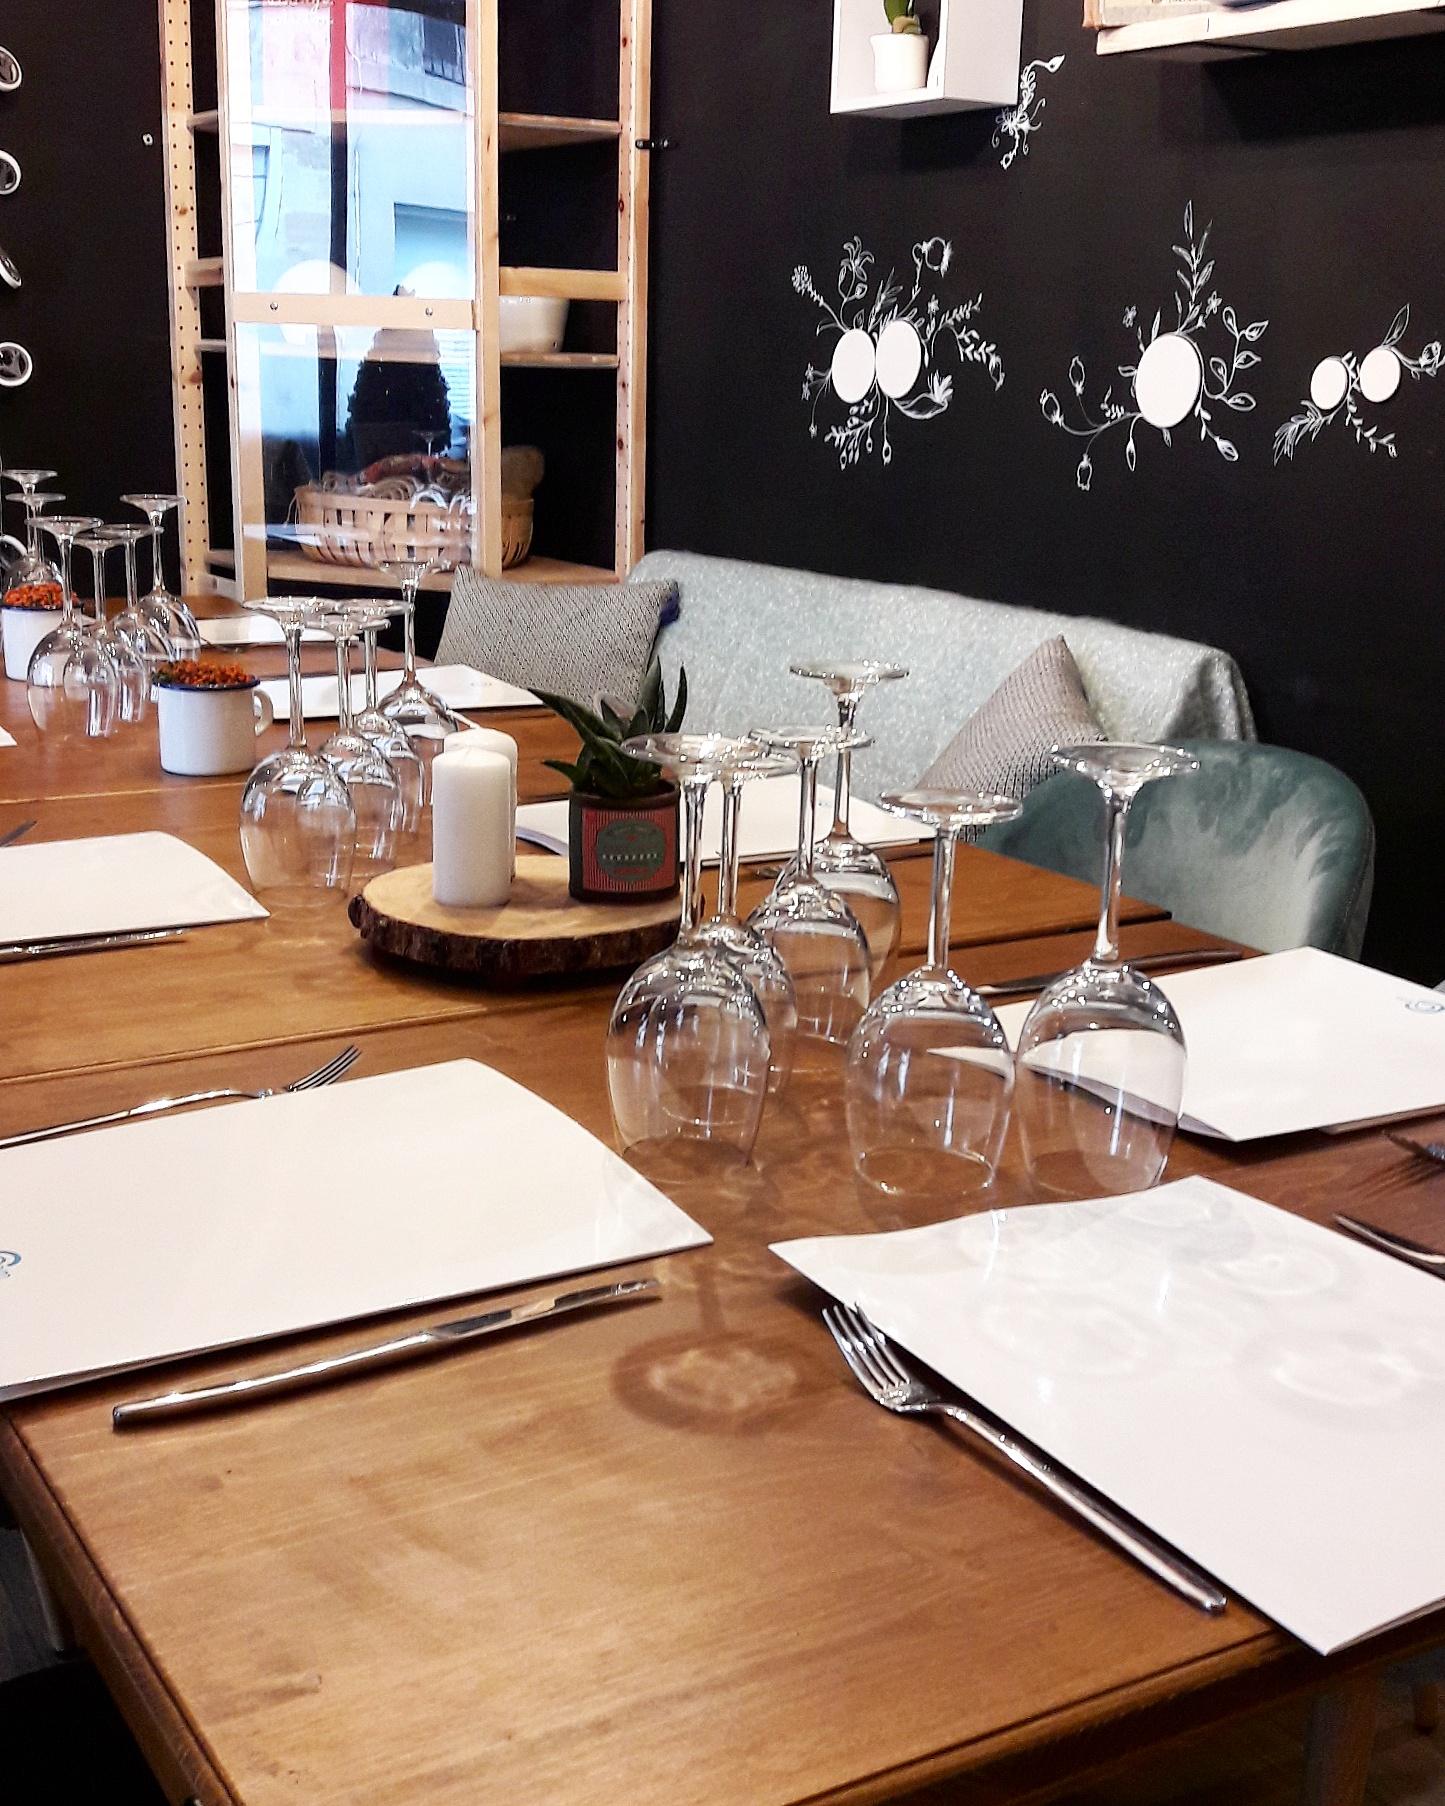 j 39 ai test le restaurant le cromagnon bordeaux team paillettes. Black Bedroom Furniture Sets. Home Design Ideas